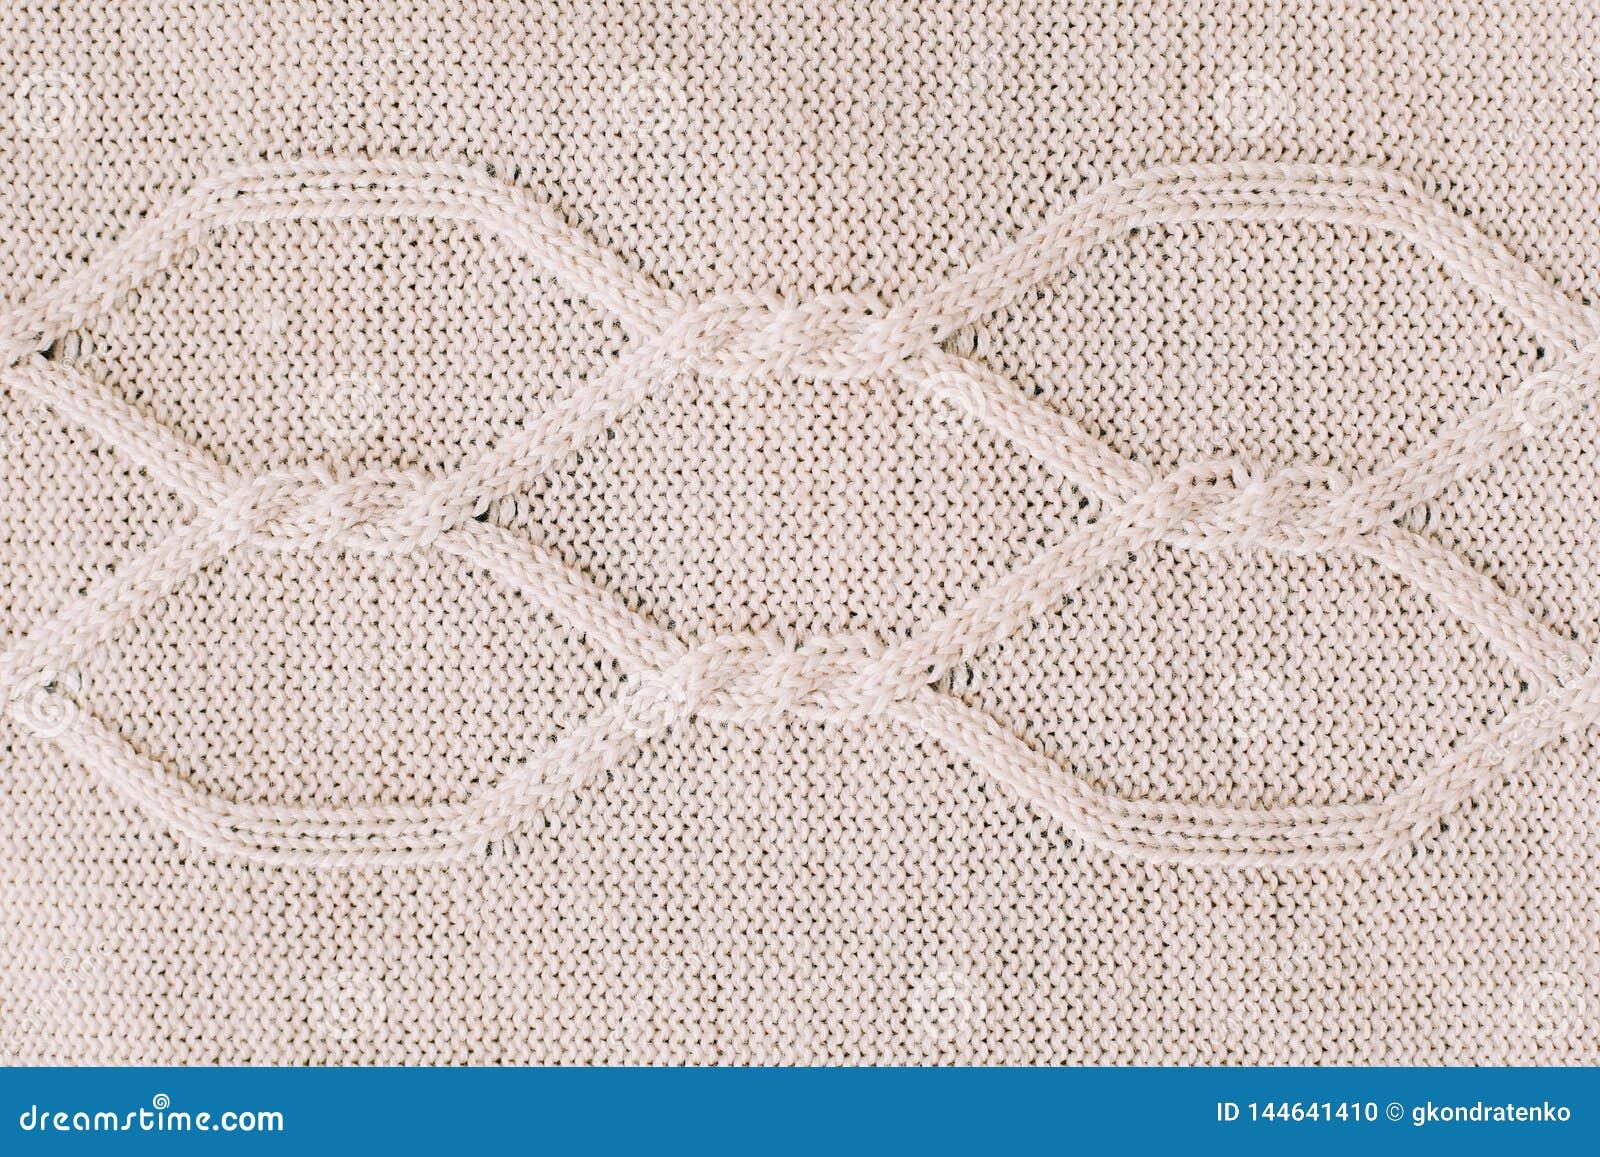 ανασκόπηση πλεκτή πλέκοντας σχέδιο του μαλλιού Πλέξιμο Σύσταση του πλεκτού μάλλινου υφάσματος για την ταπετσαρία και ένα αφηρημέν